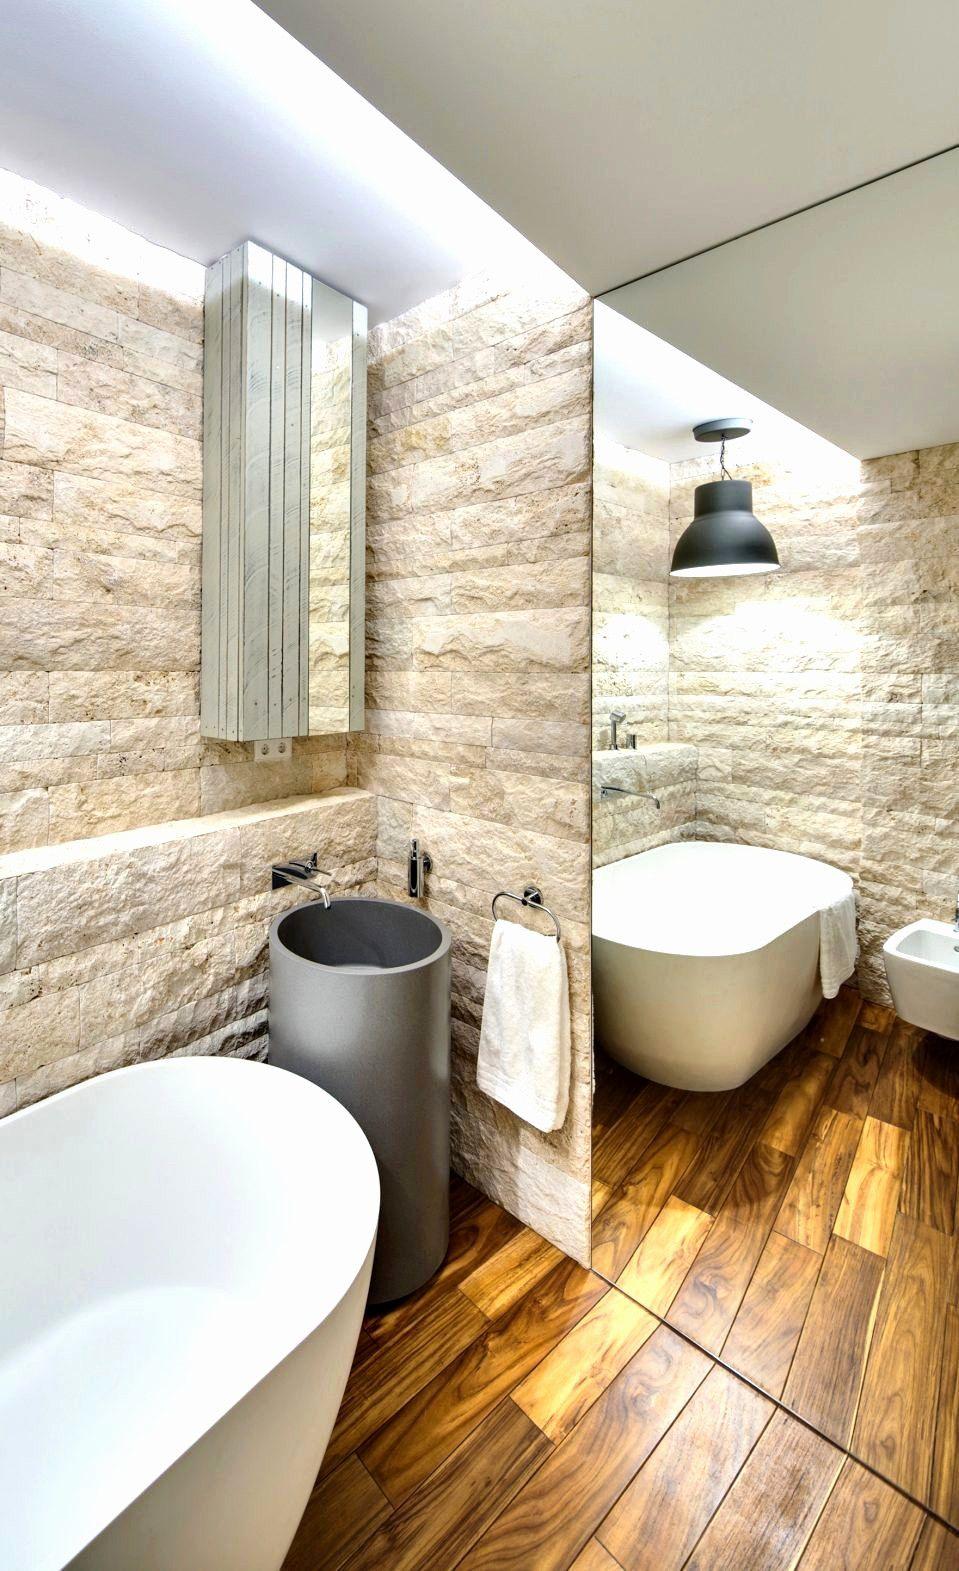 Kuchentisch Kleine Kuche Luxus 54 Inspirierend Kleine Kuche Tisch Kleine Badezimmer Badezimmer Fliesen Badezimmer